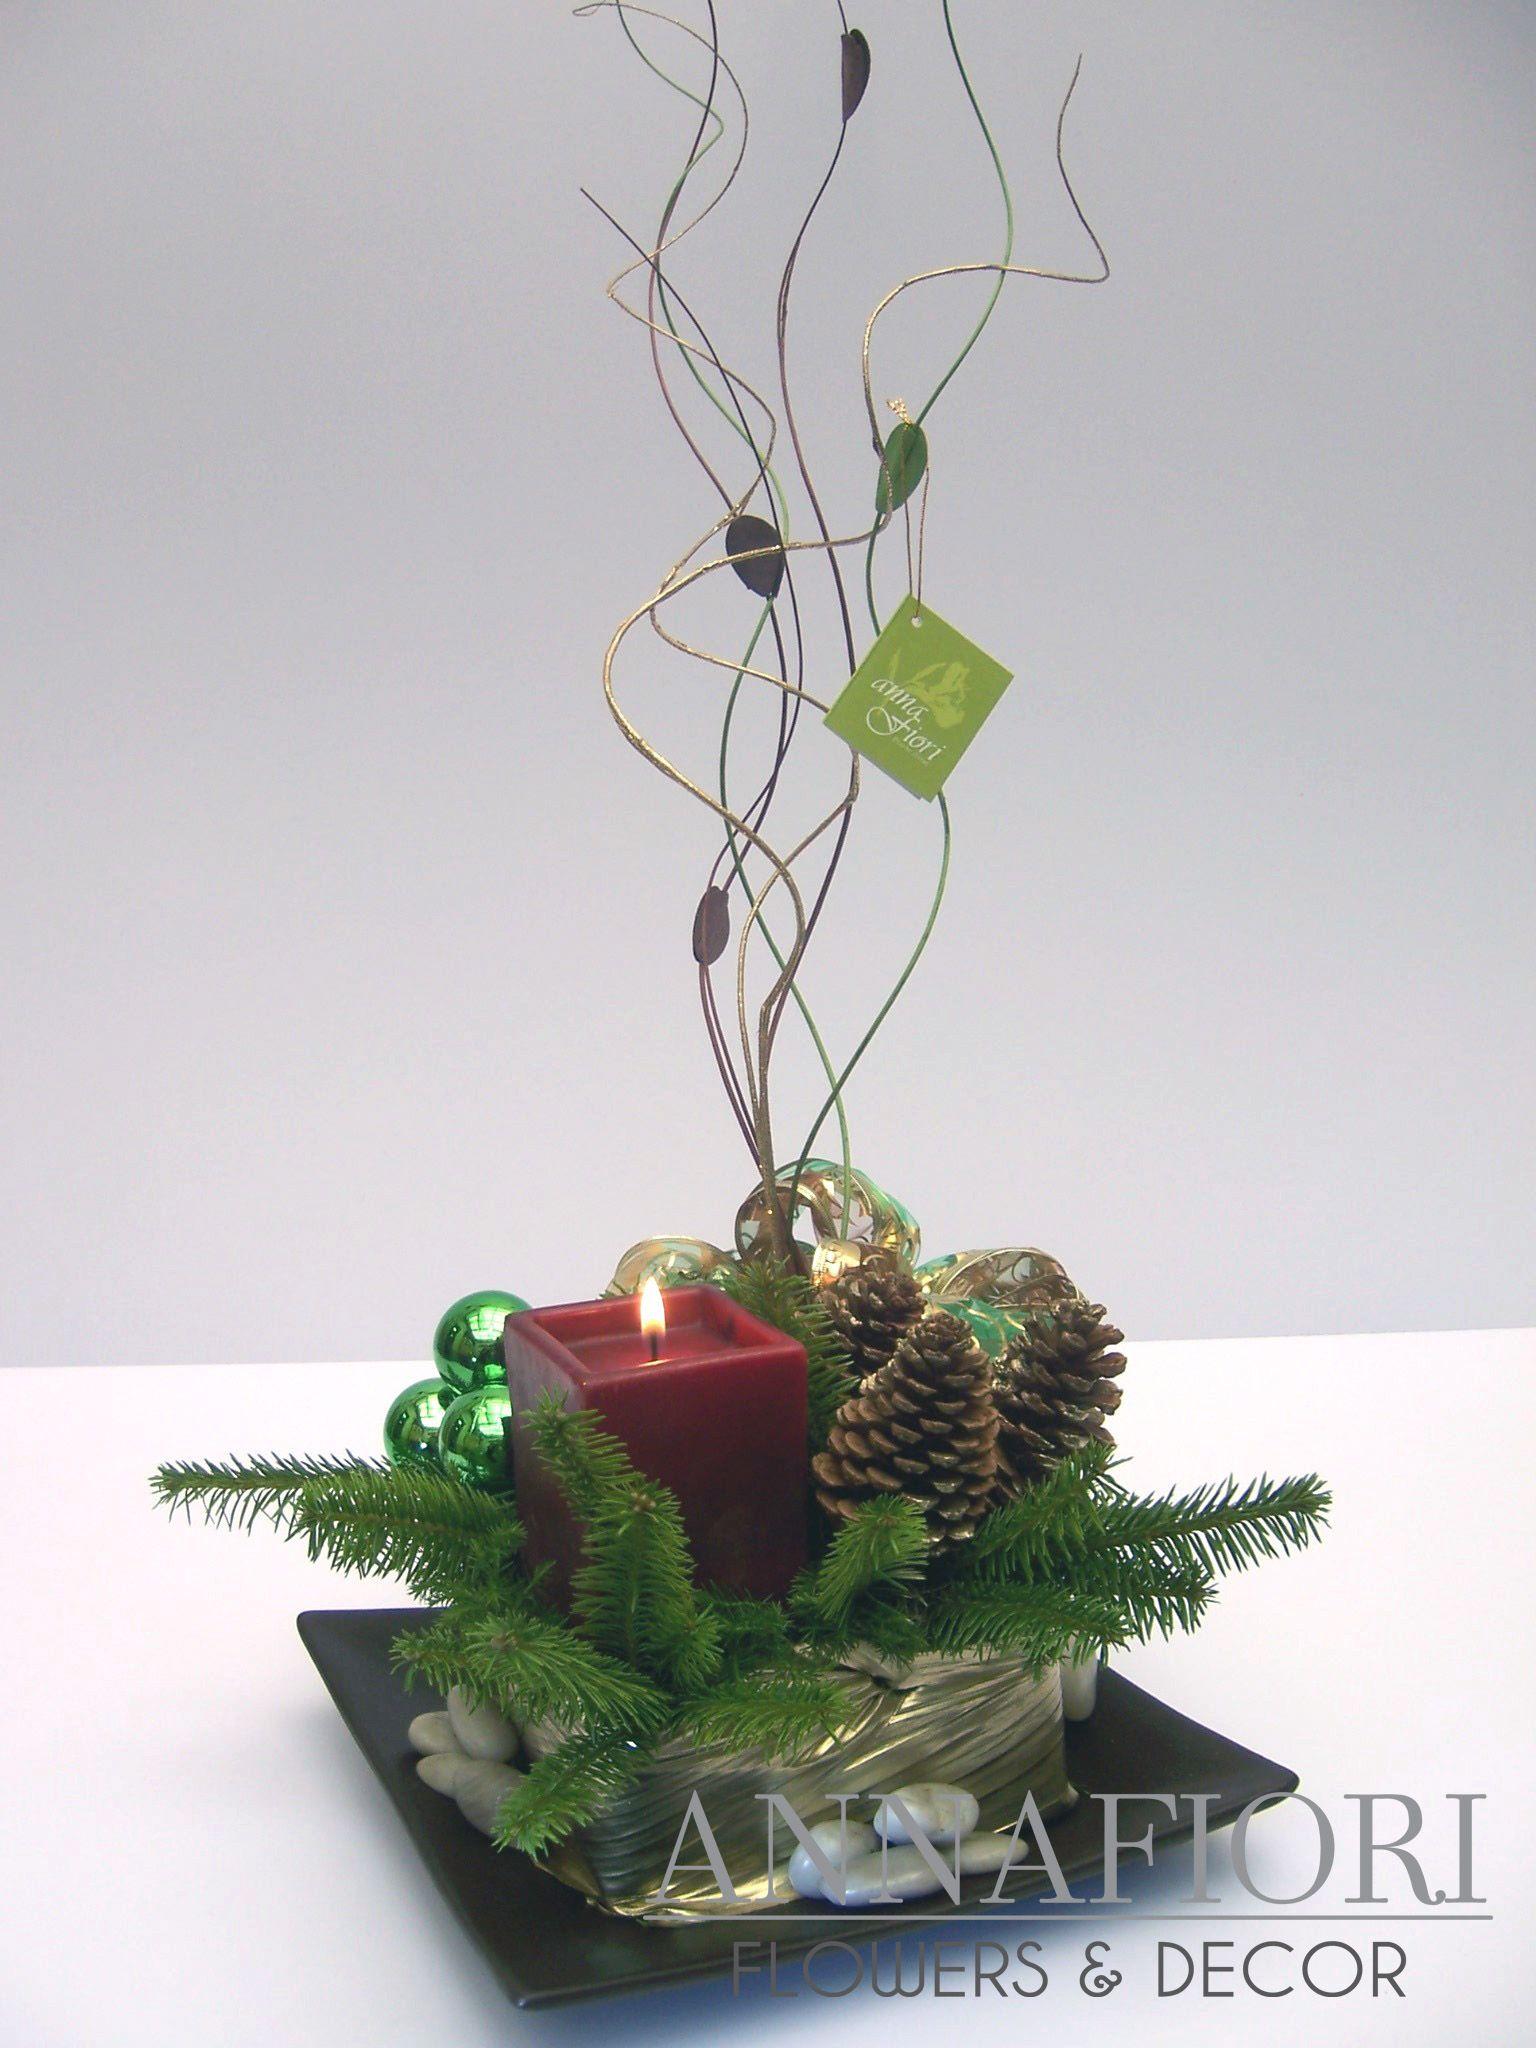 Arreglo floral centro de mesa navide o con vela roja - Como hacer un centro de mesa navideno ...